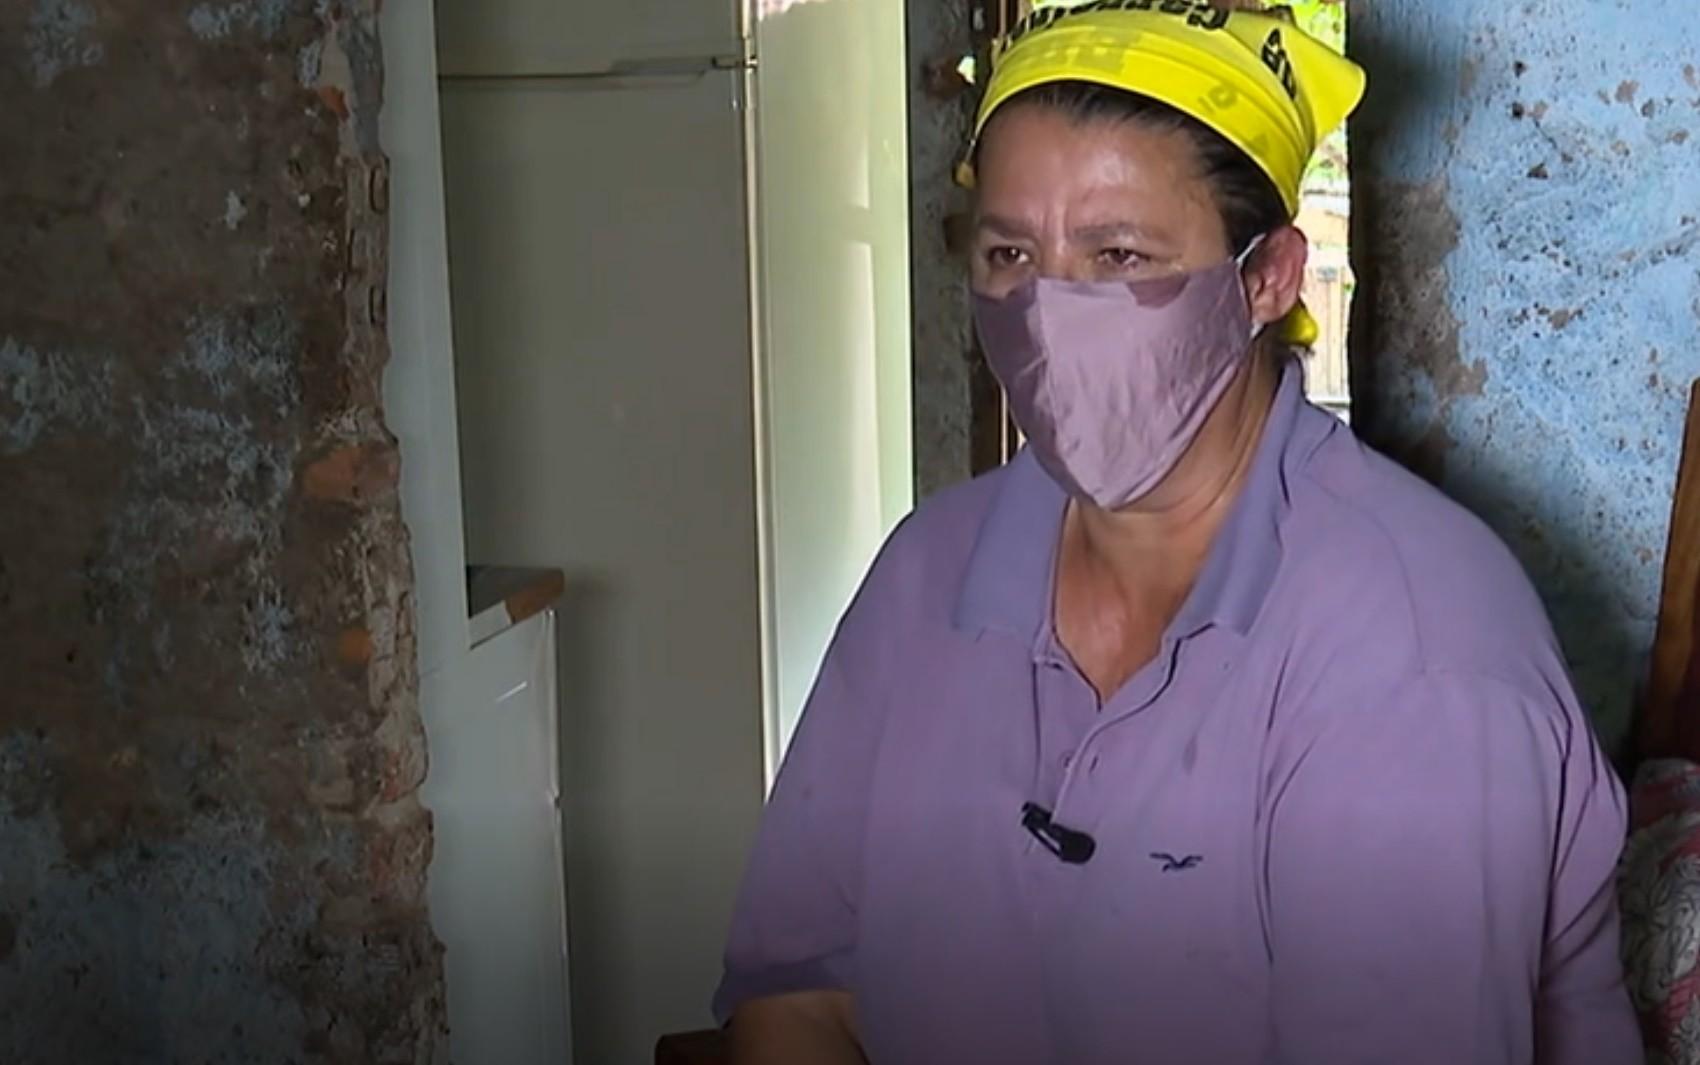 Diarista acredita que teve nome usado para forjar doação de mais de R$ 3 milhões à Afipe: 'doação mais alta que fiz foi de R$ 20'